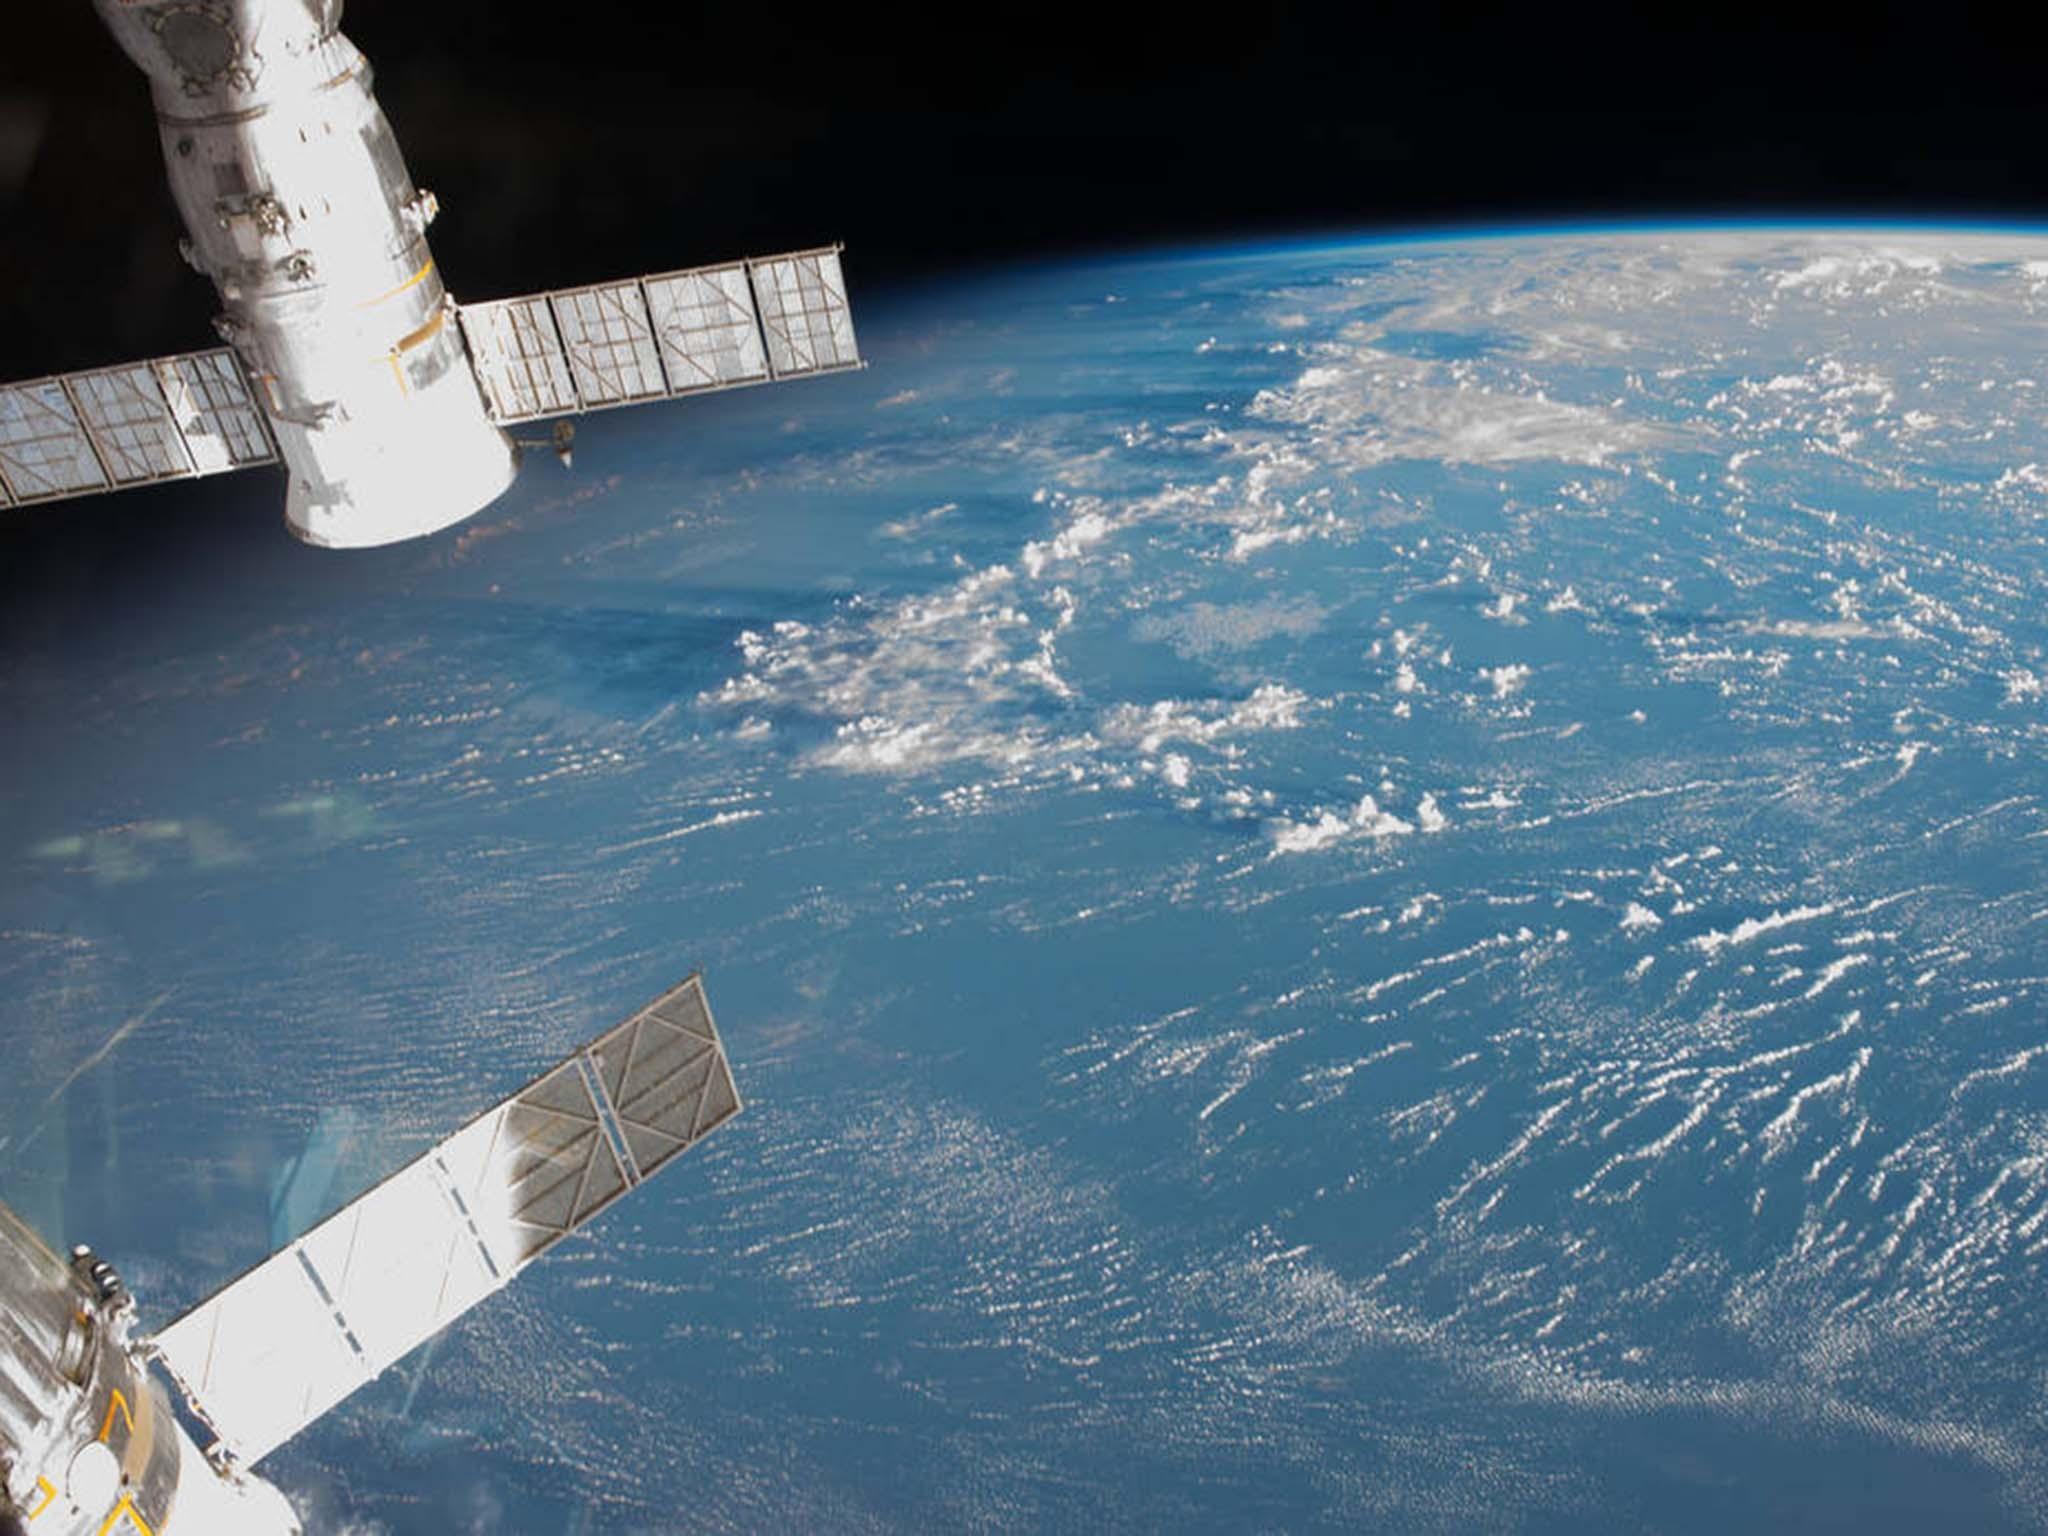 Nasa astronaut accidentally drops mirror into space